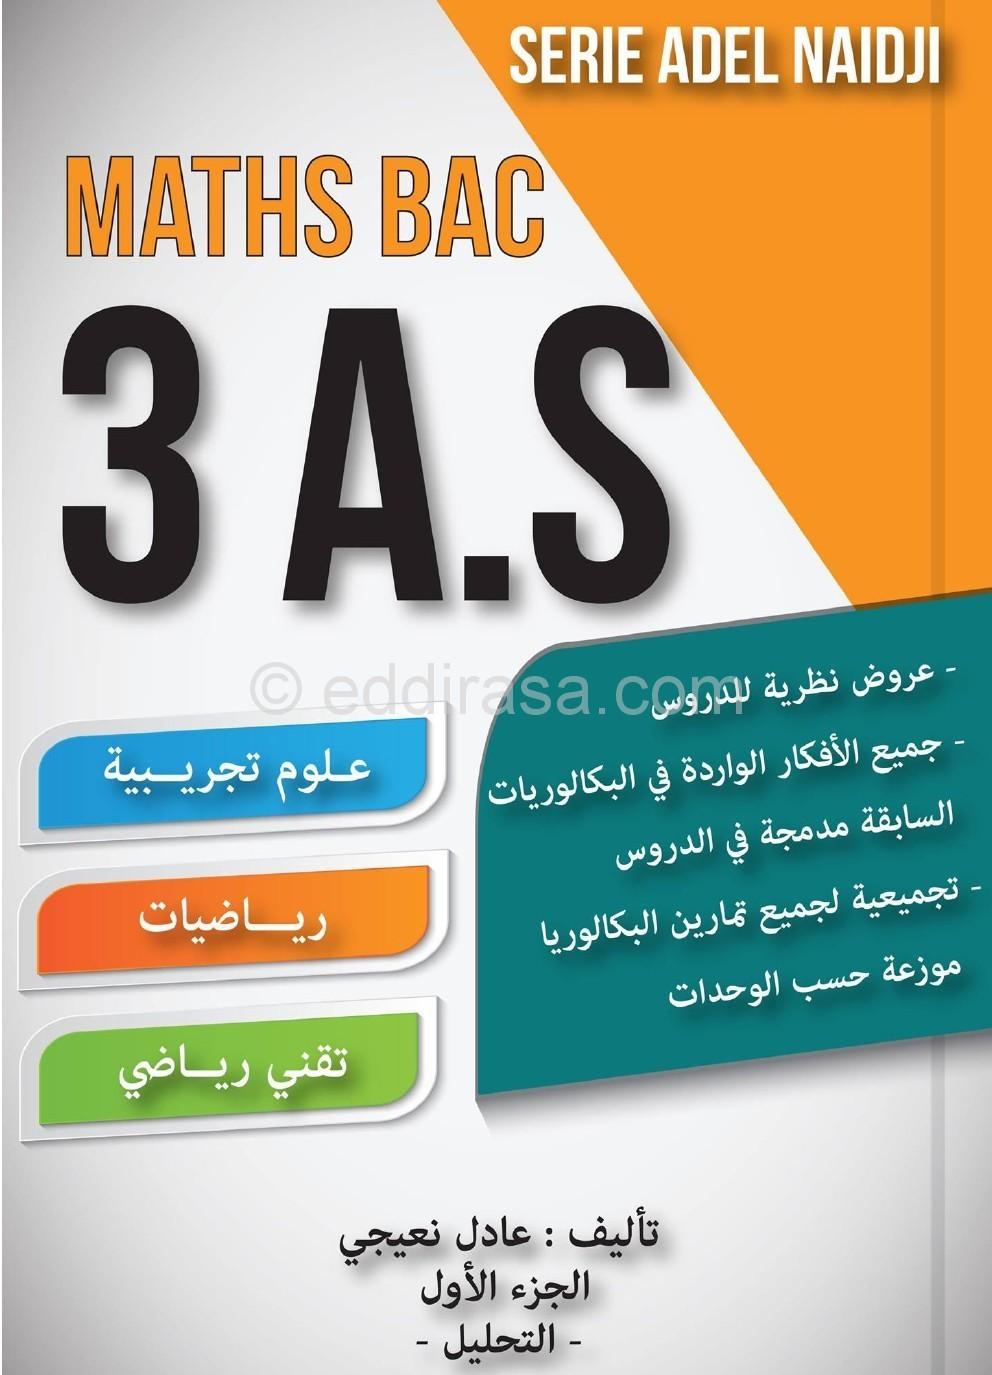 كتاب عادل نعيجي في الرياضيات للسنة الثالثة ثانوي